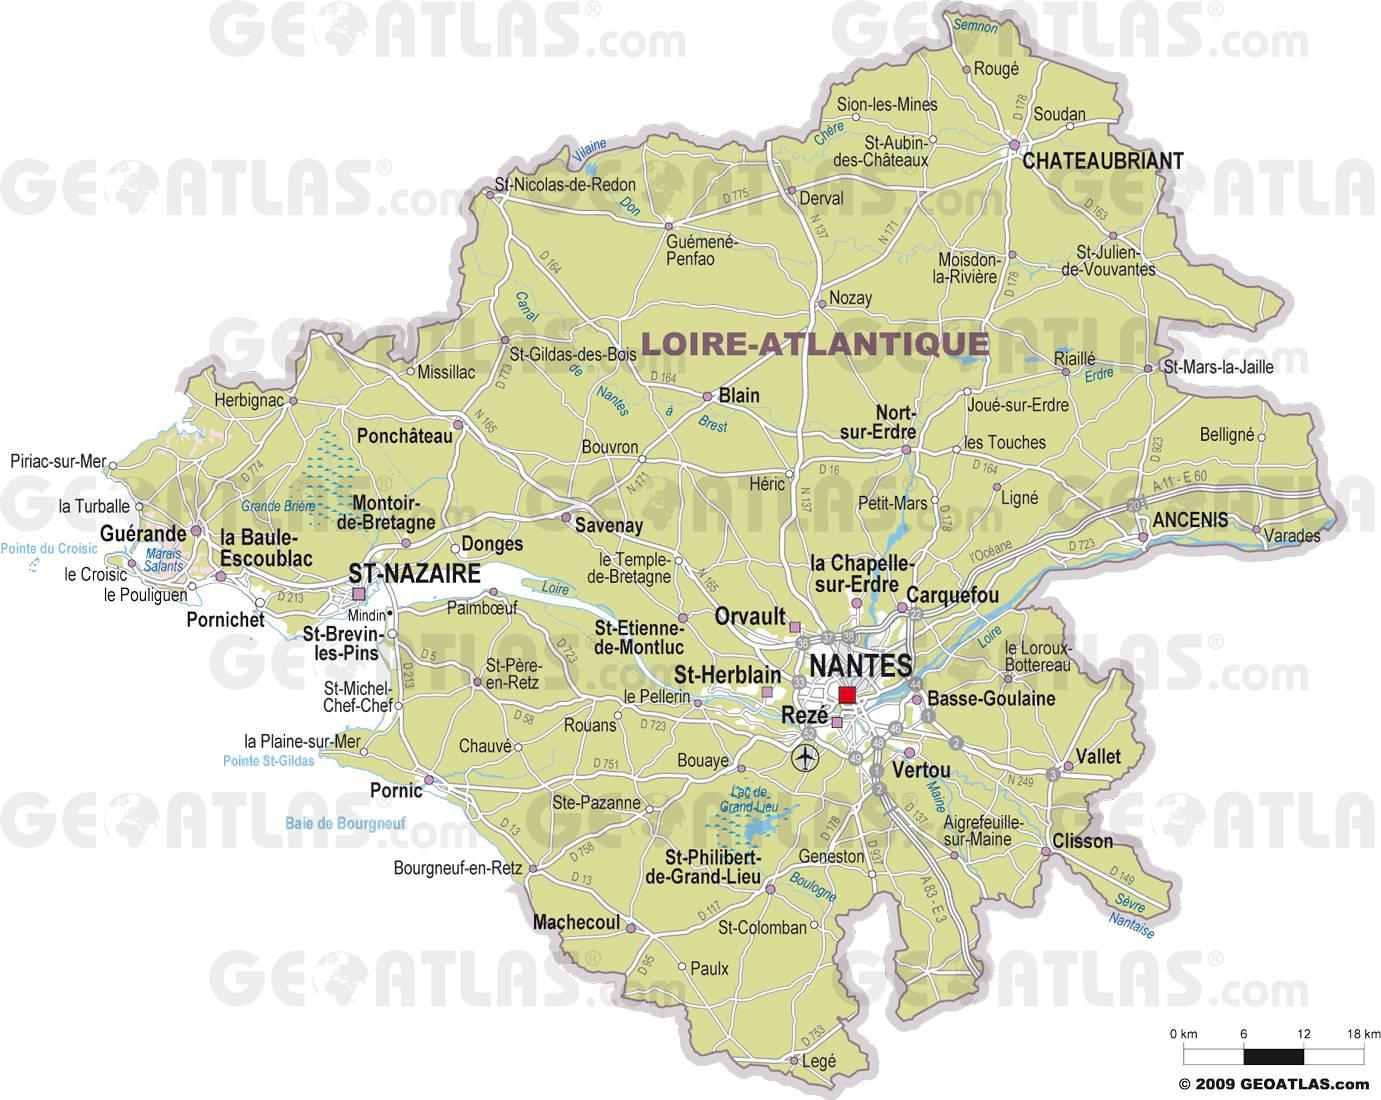 Carte détaillée de la Loire-Atlantique